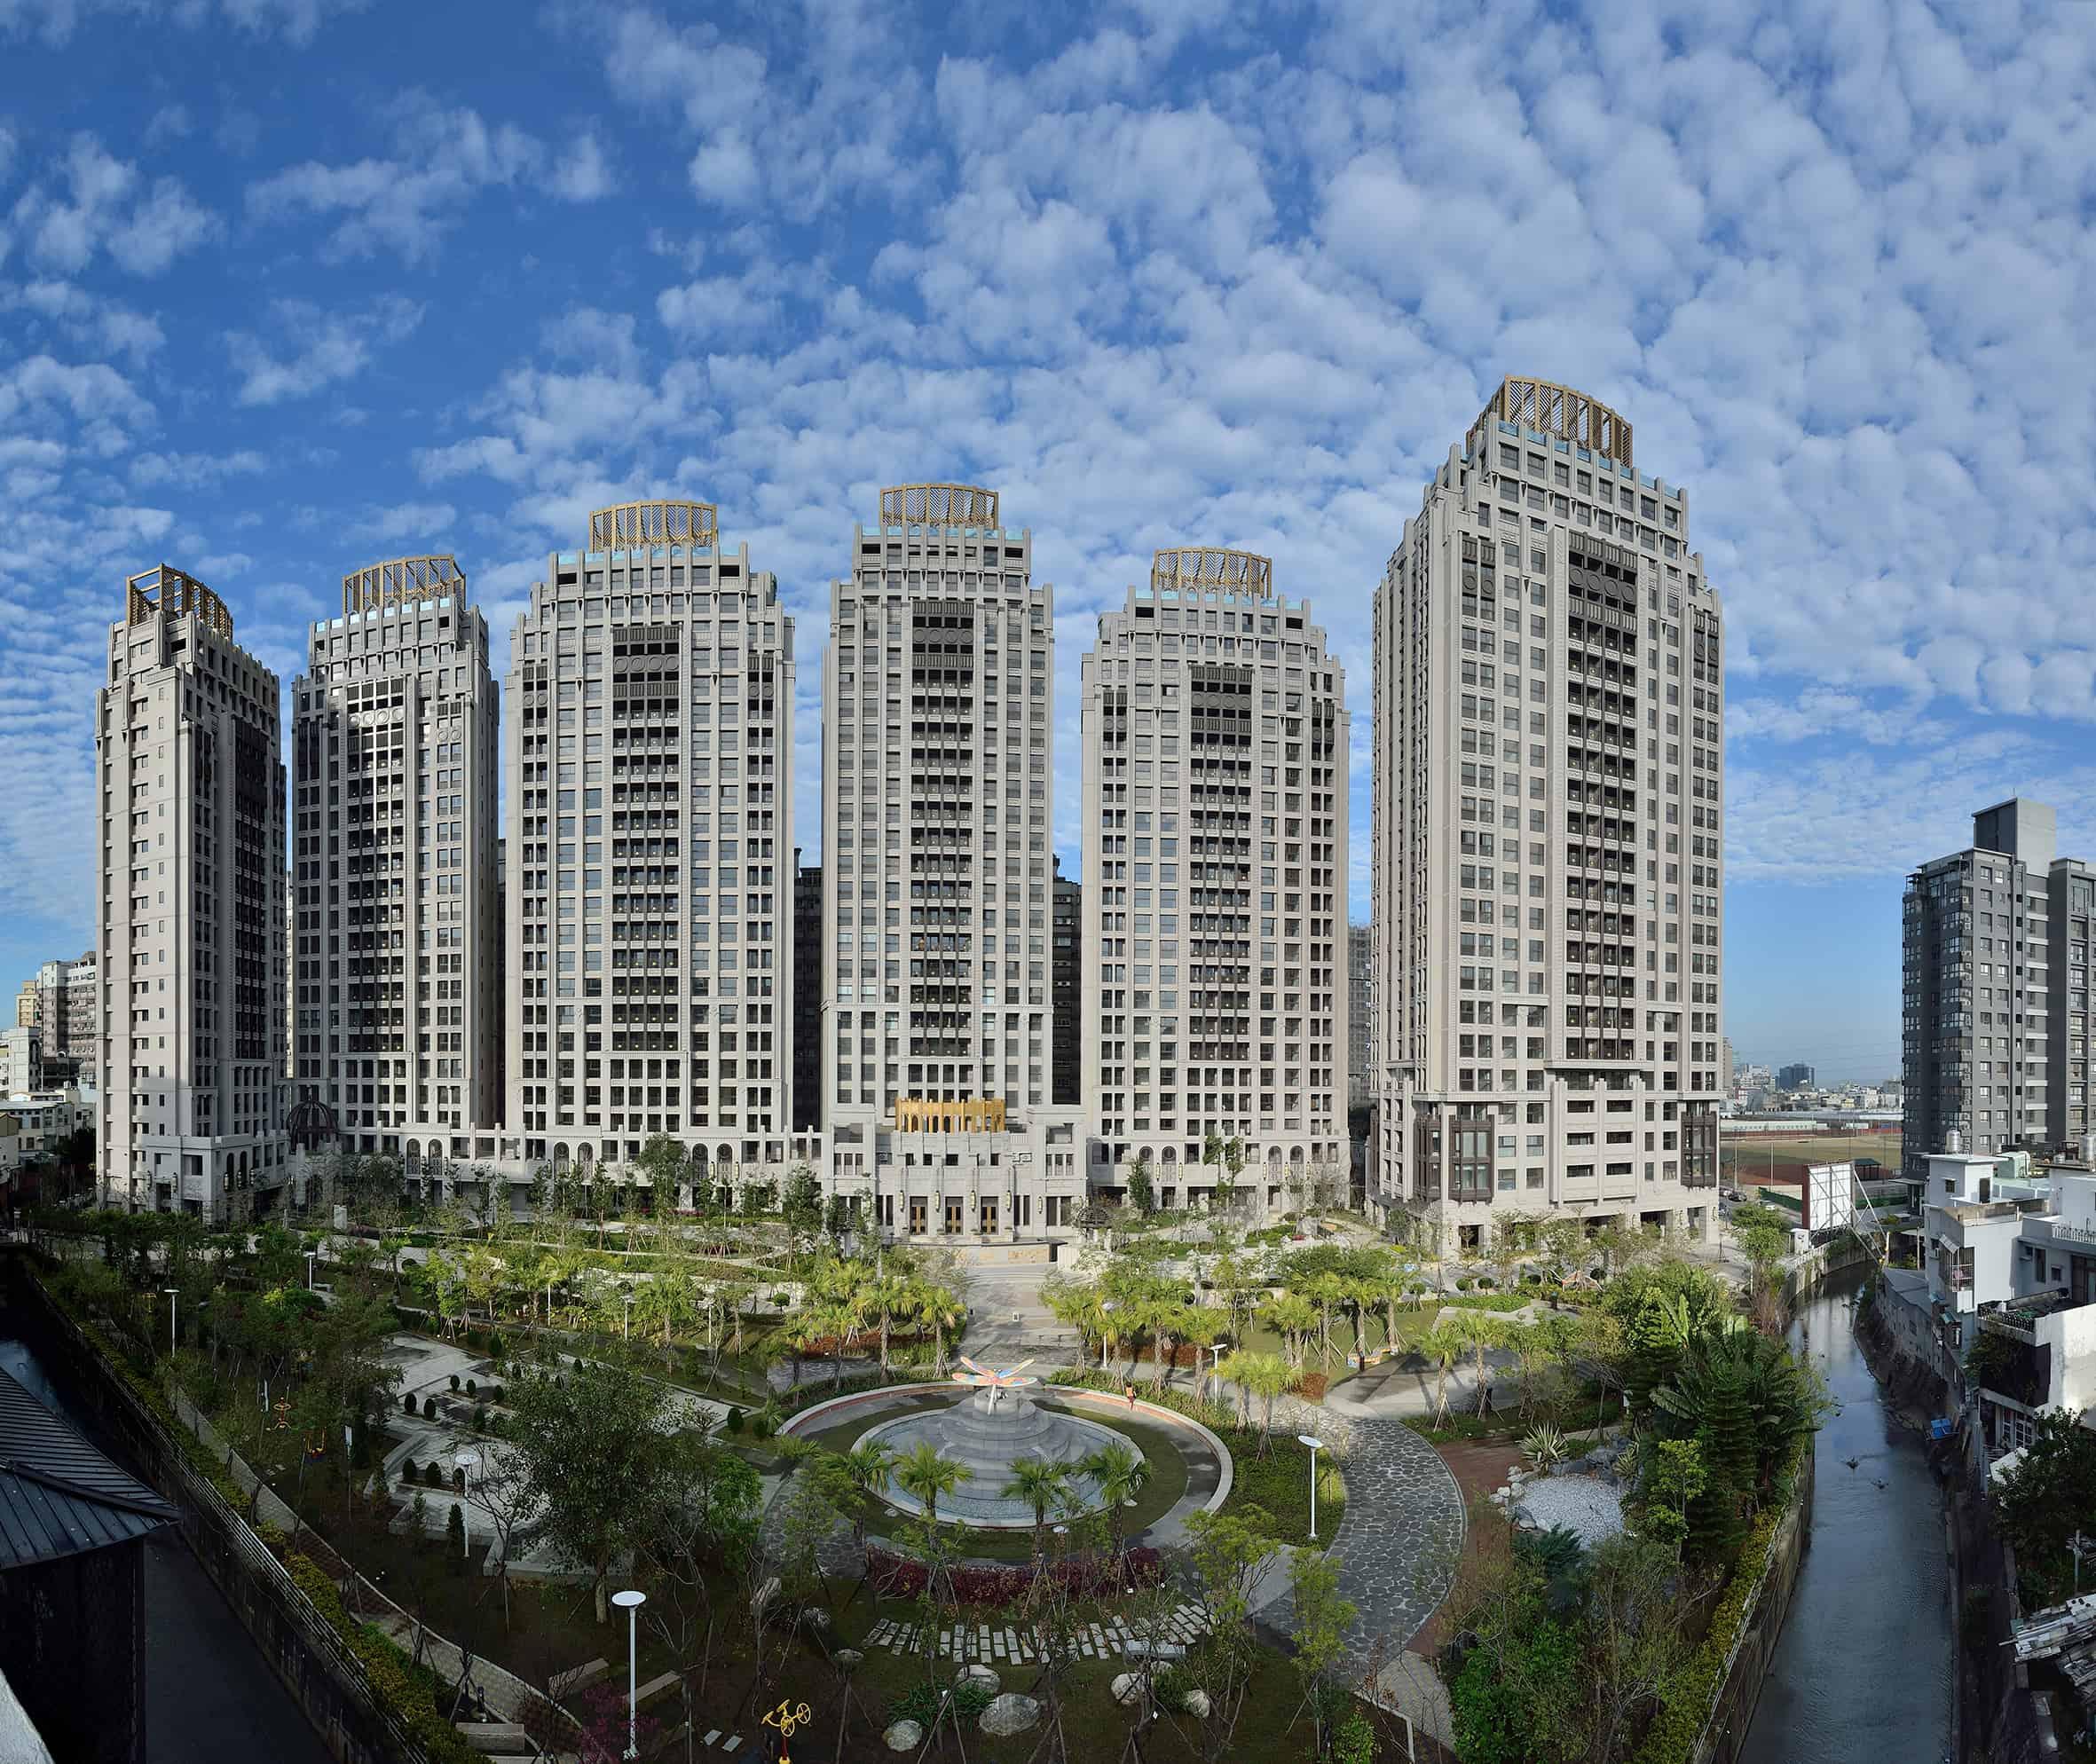 圖片:新竹東區新成屋 鴻築建設【十禮敬安】光埔唯一 4300坪大公園的家 綠意環擁 雙語學區 豪門享受